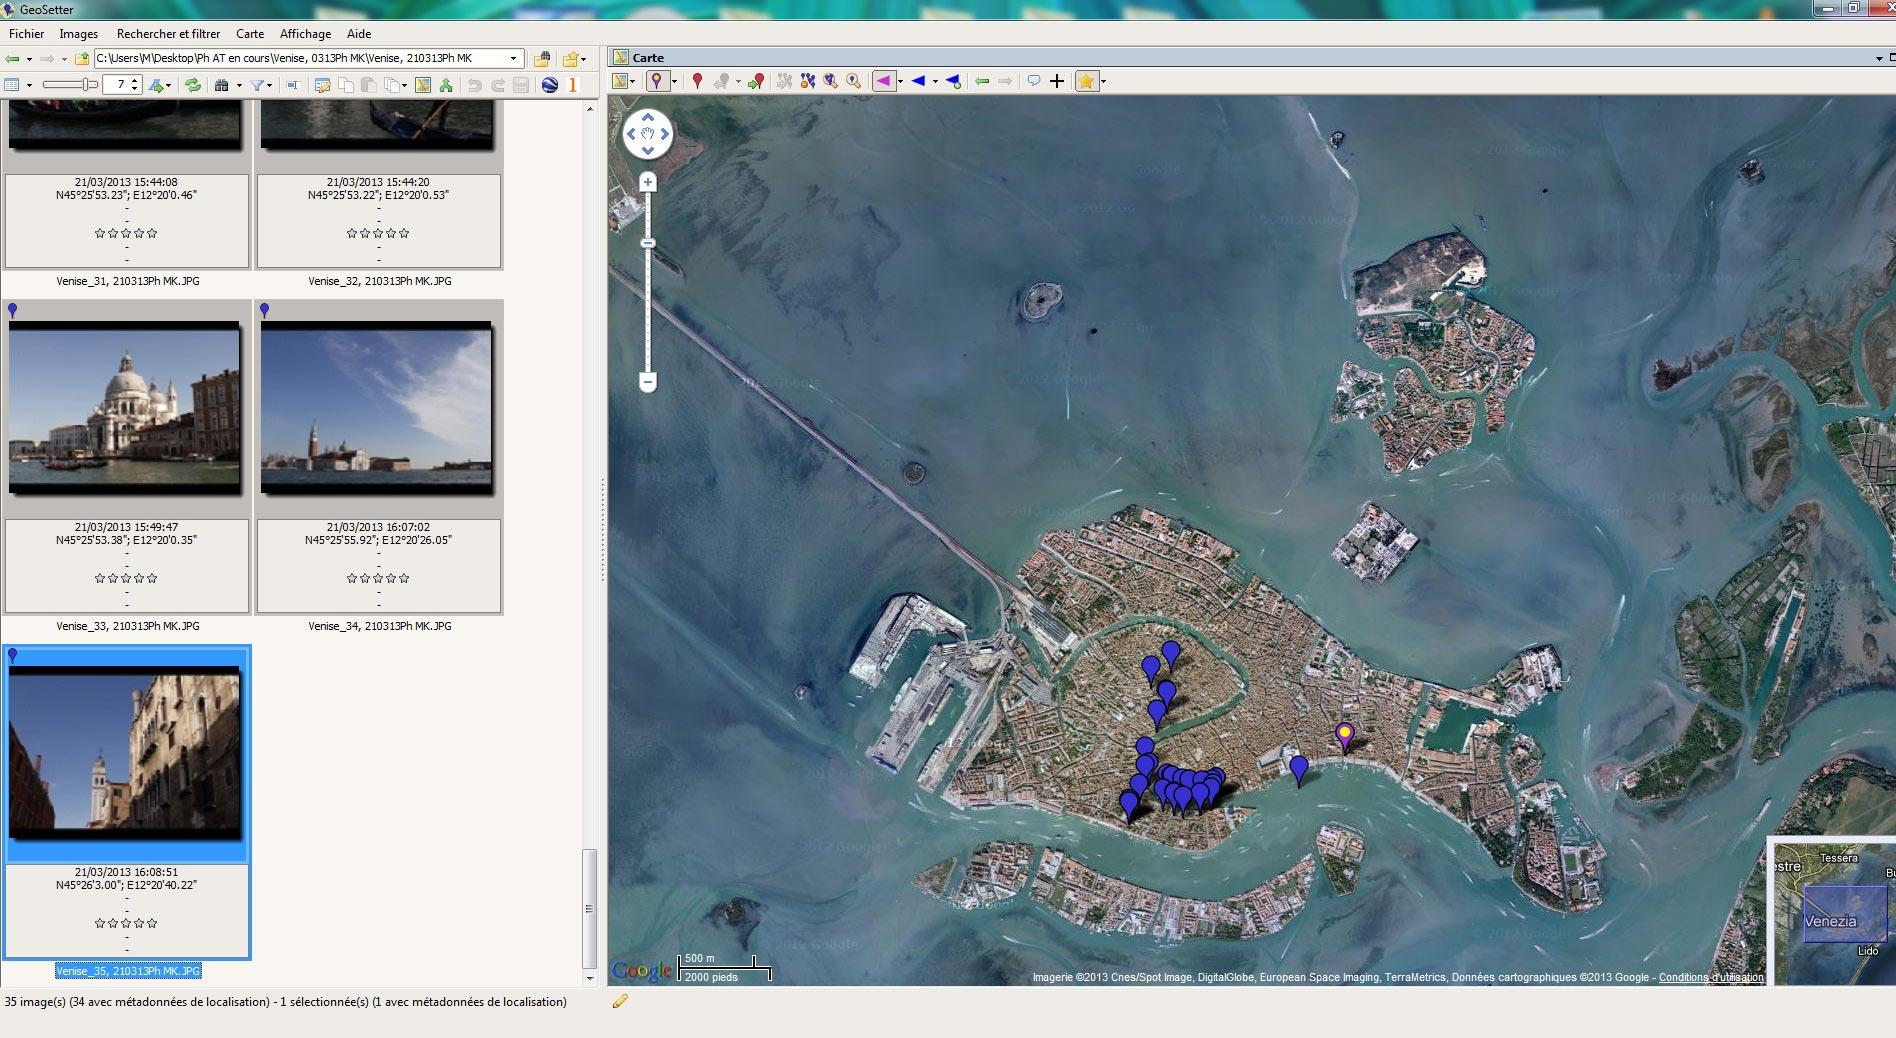 Logiciel GeoSetter